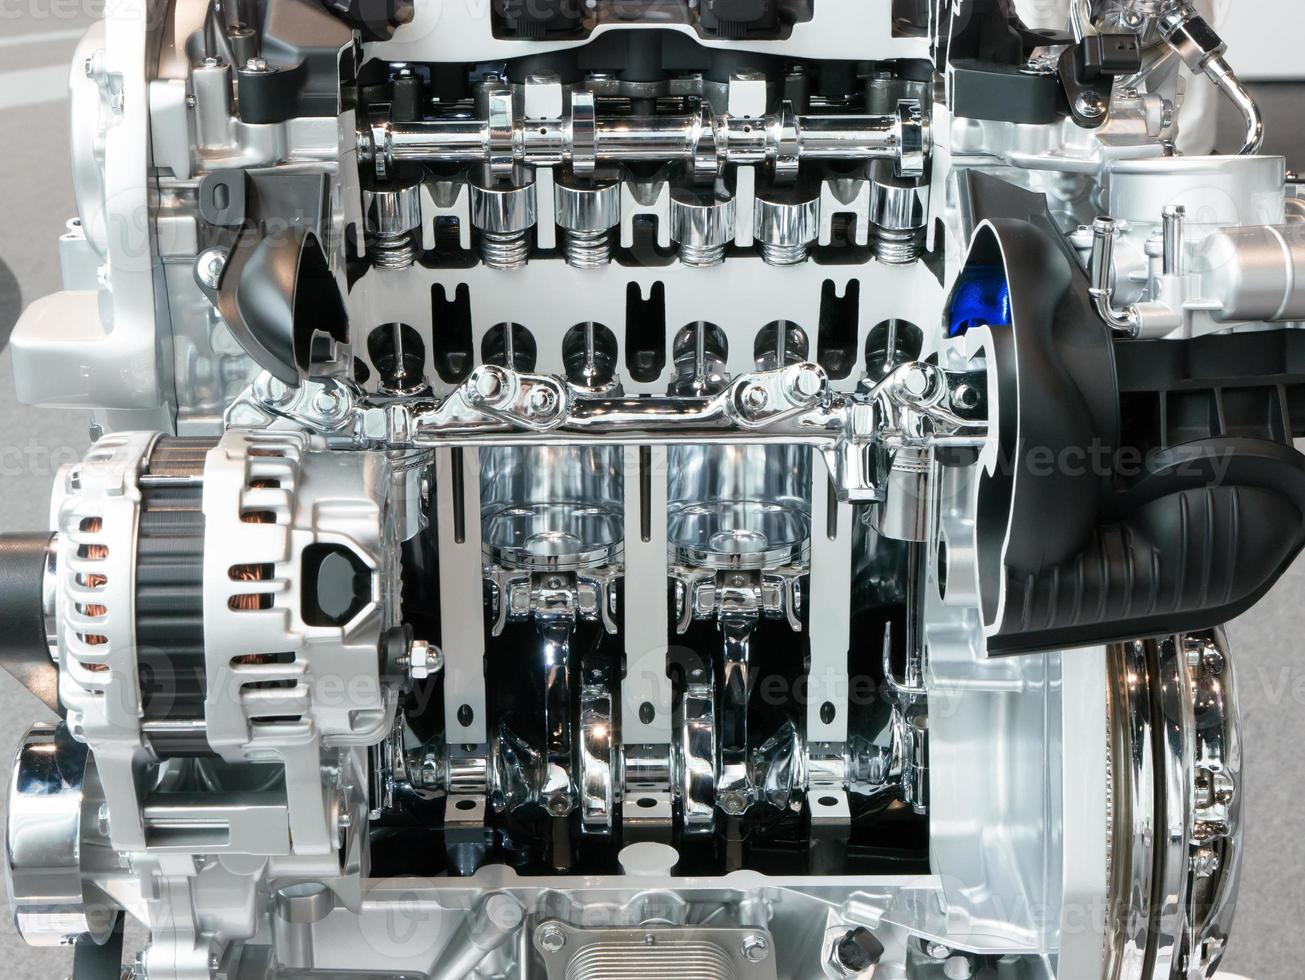 Vue en coupe d'un moteur d'automobile et d'une transmission photo